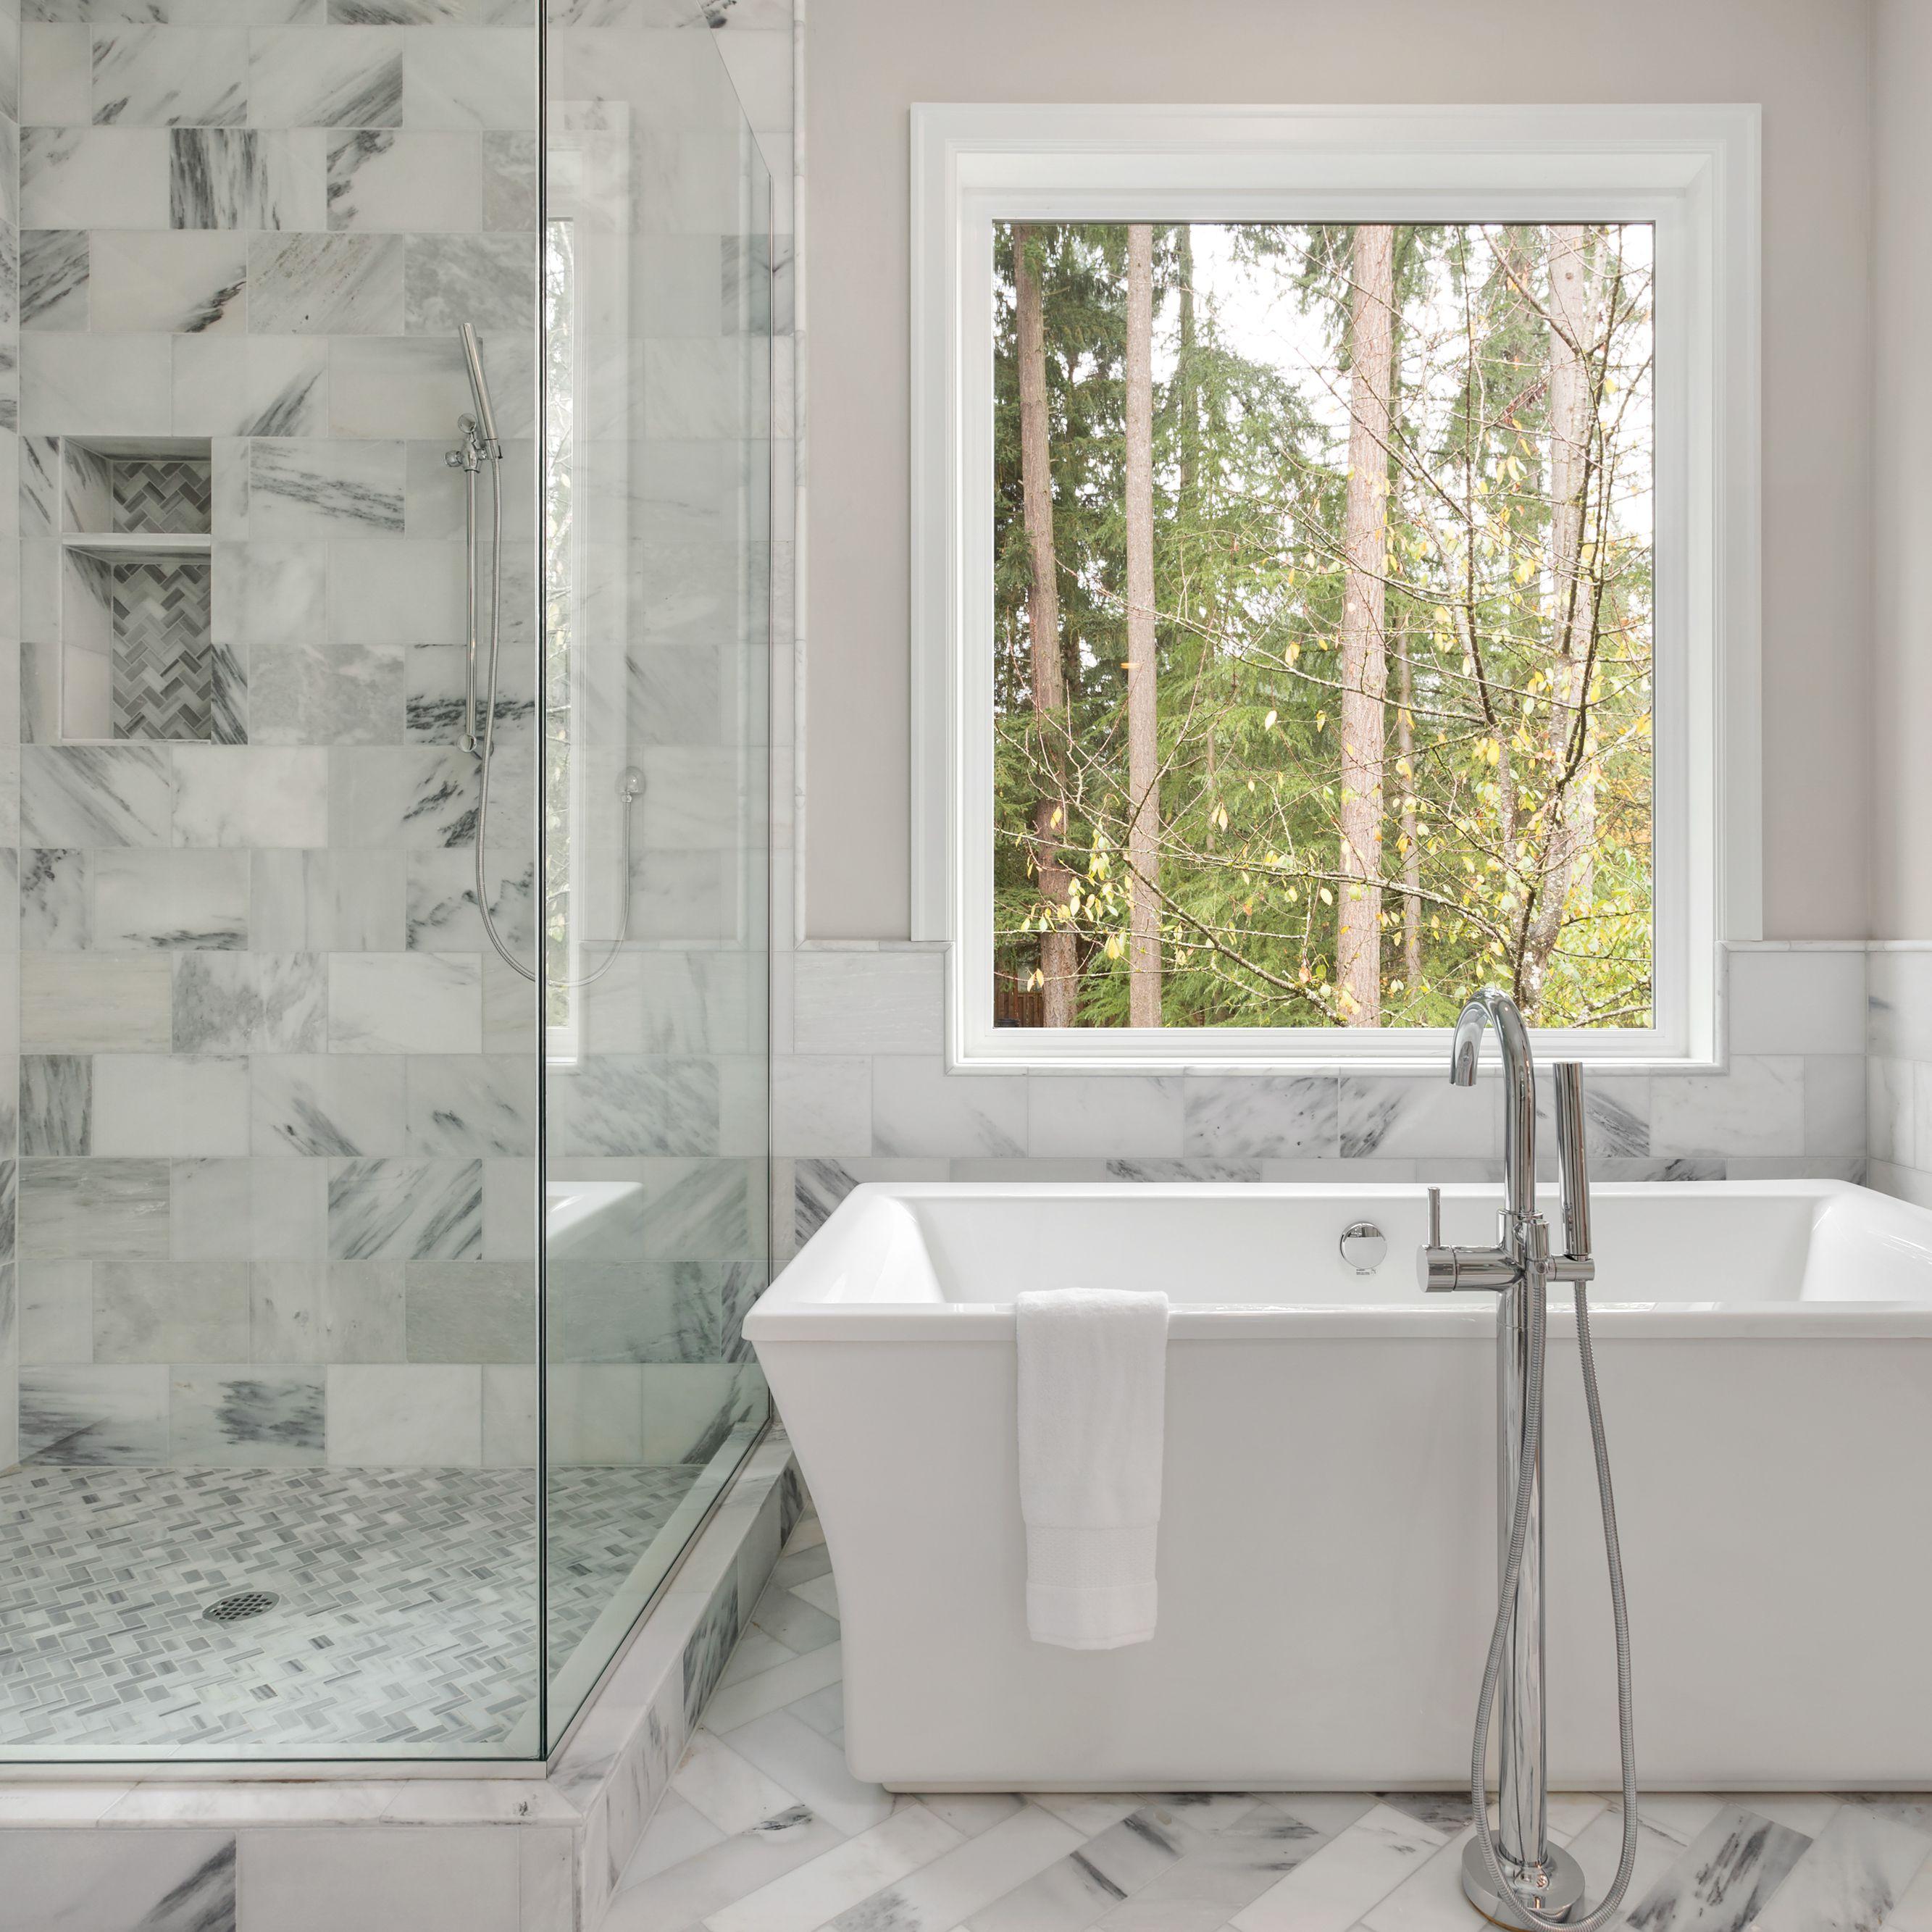 25 Amazing Dream Bathrooms, Dream Bathroom Ideas